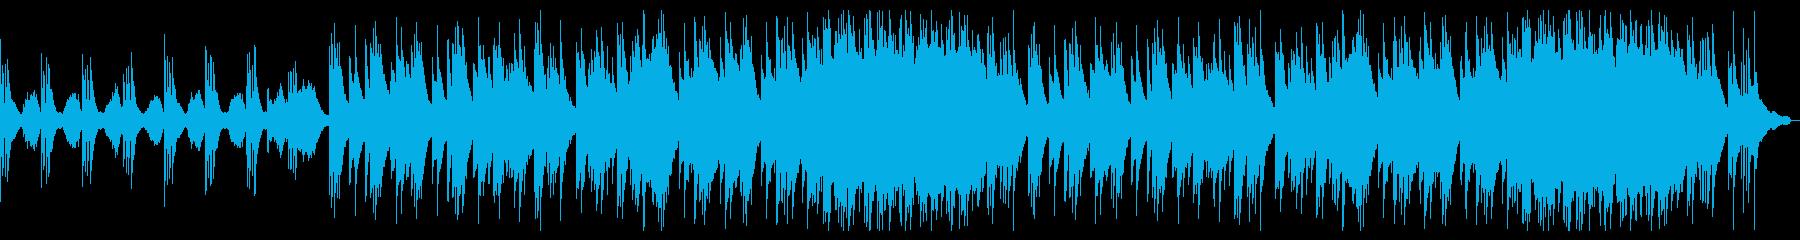 哀愁の漂う、ピアノ+ストリングスのBGMの再生済みの波形